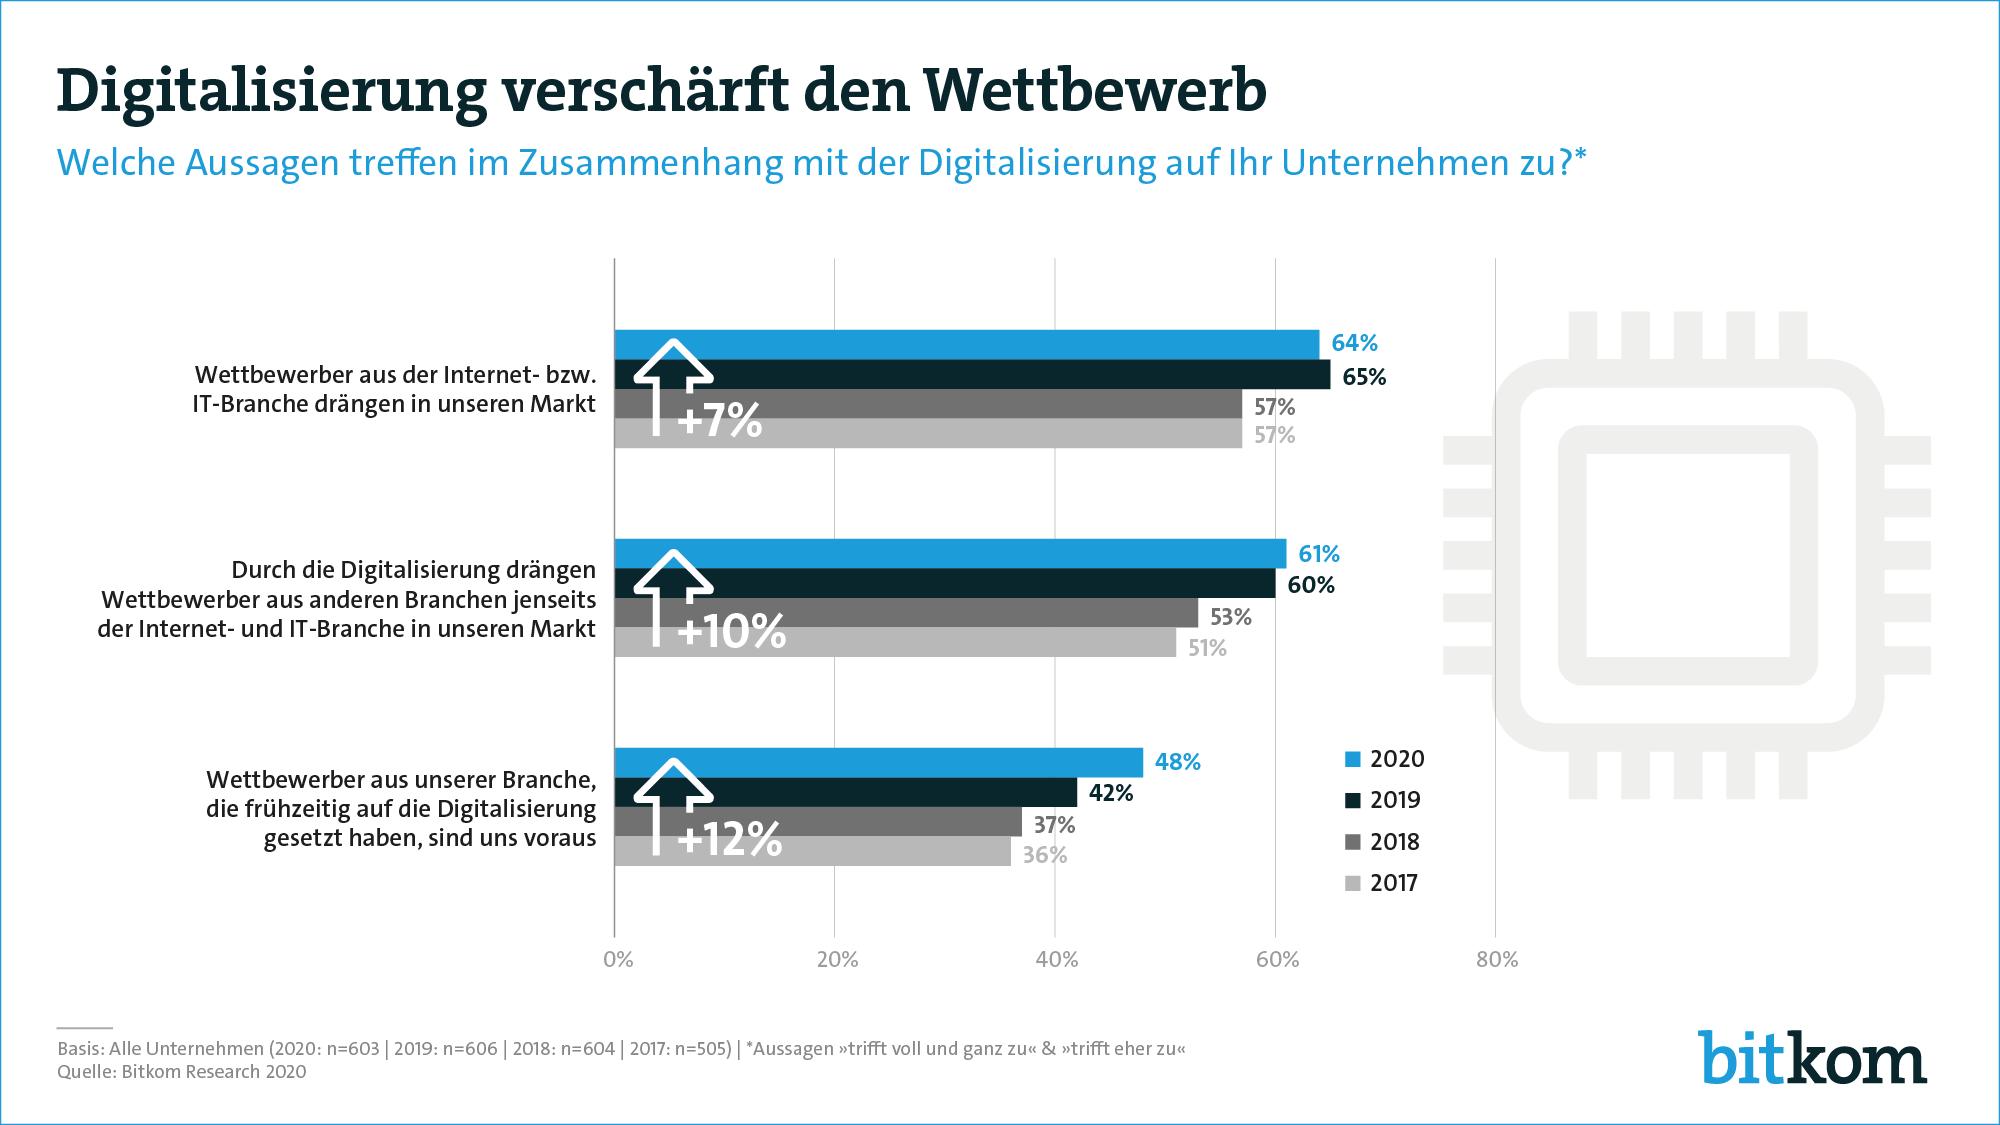 """Deutsche Unternehmen geben sich eine Drei im Fach """"Digitales"""""""